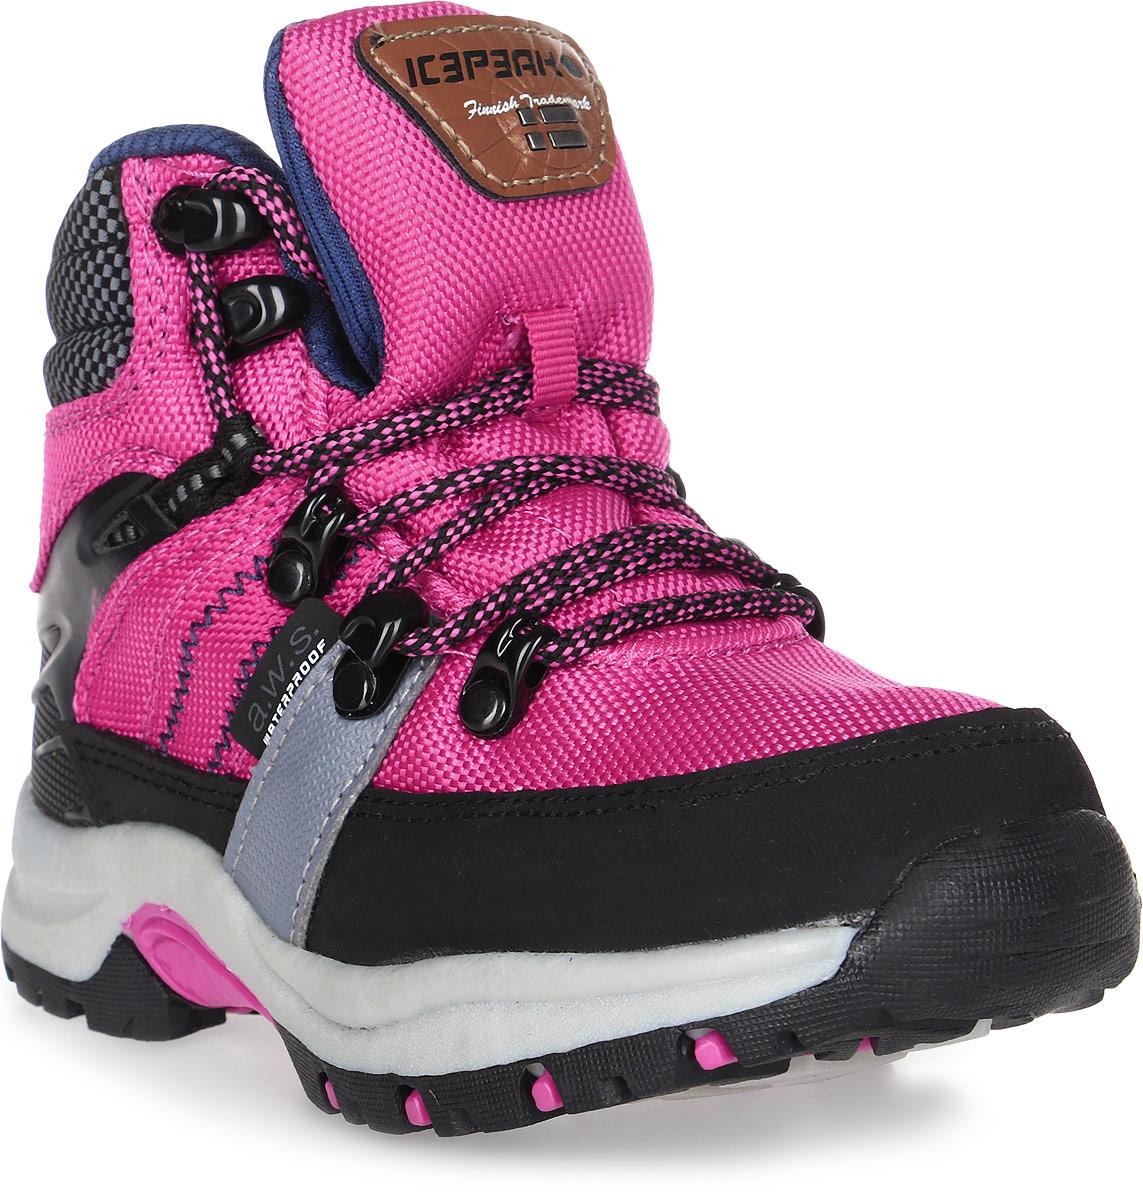 Ботинки для девочки Icepeak, цвет: розовый. 672204100IV. Размер 35 (34)672204100IVБотинки детские Icepeak - современная обувь, при производстве которой задействуются исключительно новые и современные технологии. Их очень удобно носить, детские ножки даже не заметят их тяжести и могут бегать, не смотря ни на что. На зимней прогулке ребенку будет очень удобно. Данная обувь производиться из влагоотталкивающих материалов, таким образом, ножки всегда останутся сухими. Совершенно непромокаемые ботинки хорошо пропускают воздух, поэтому ноги детей не потеют. Обувь отличается новой анти-скользящей подошвой. Модель на шнуровке.